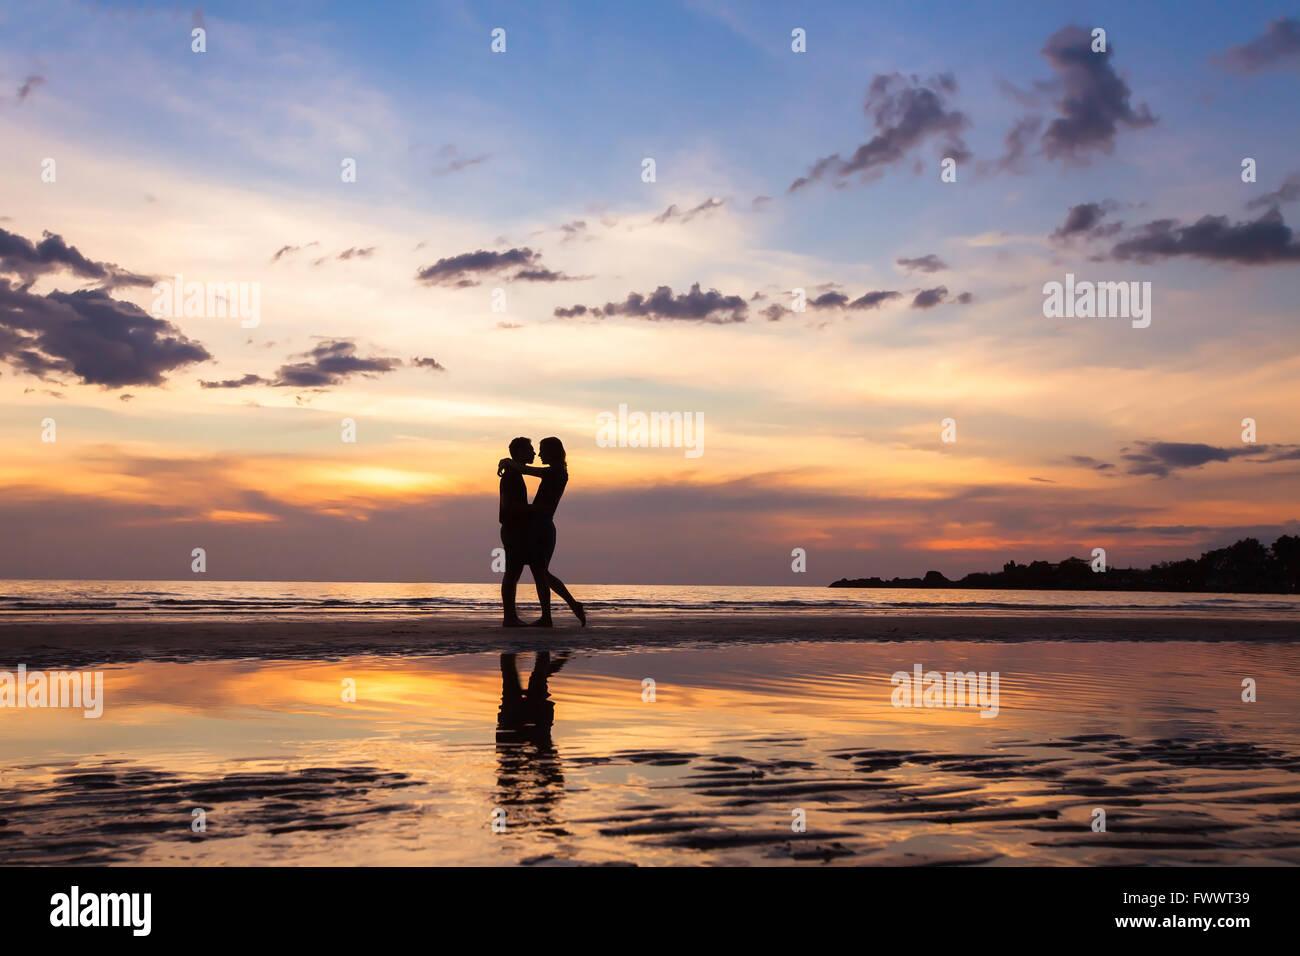 Silhouette eines Paares am sunset Beach, schönen Hintergrund über Liebe und Beziehungen, Mann und Frau Stockbild